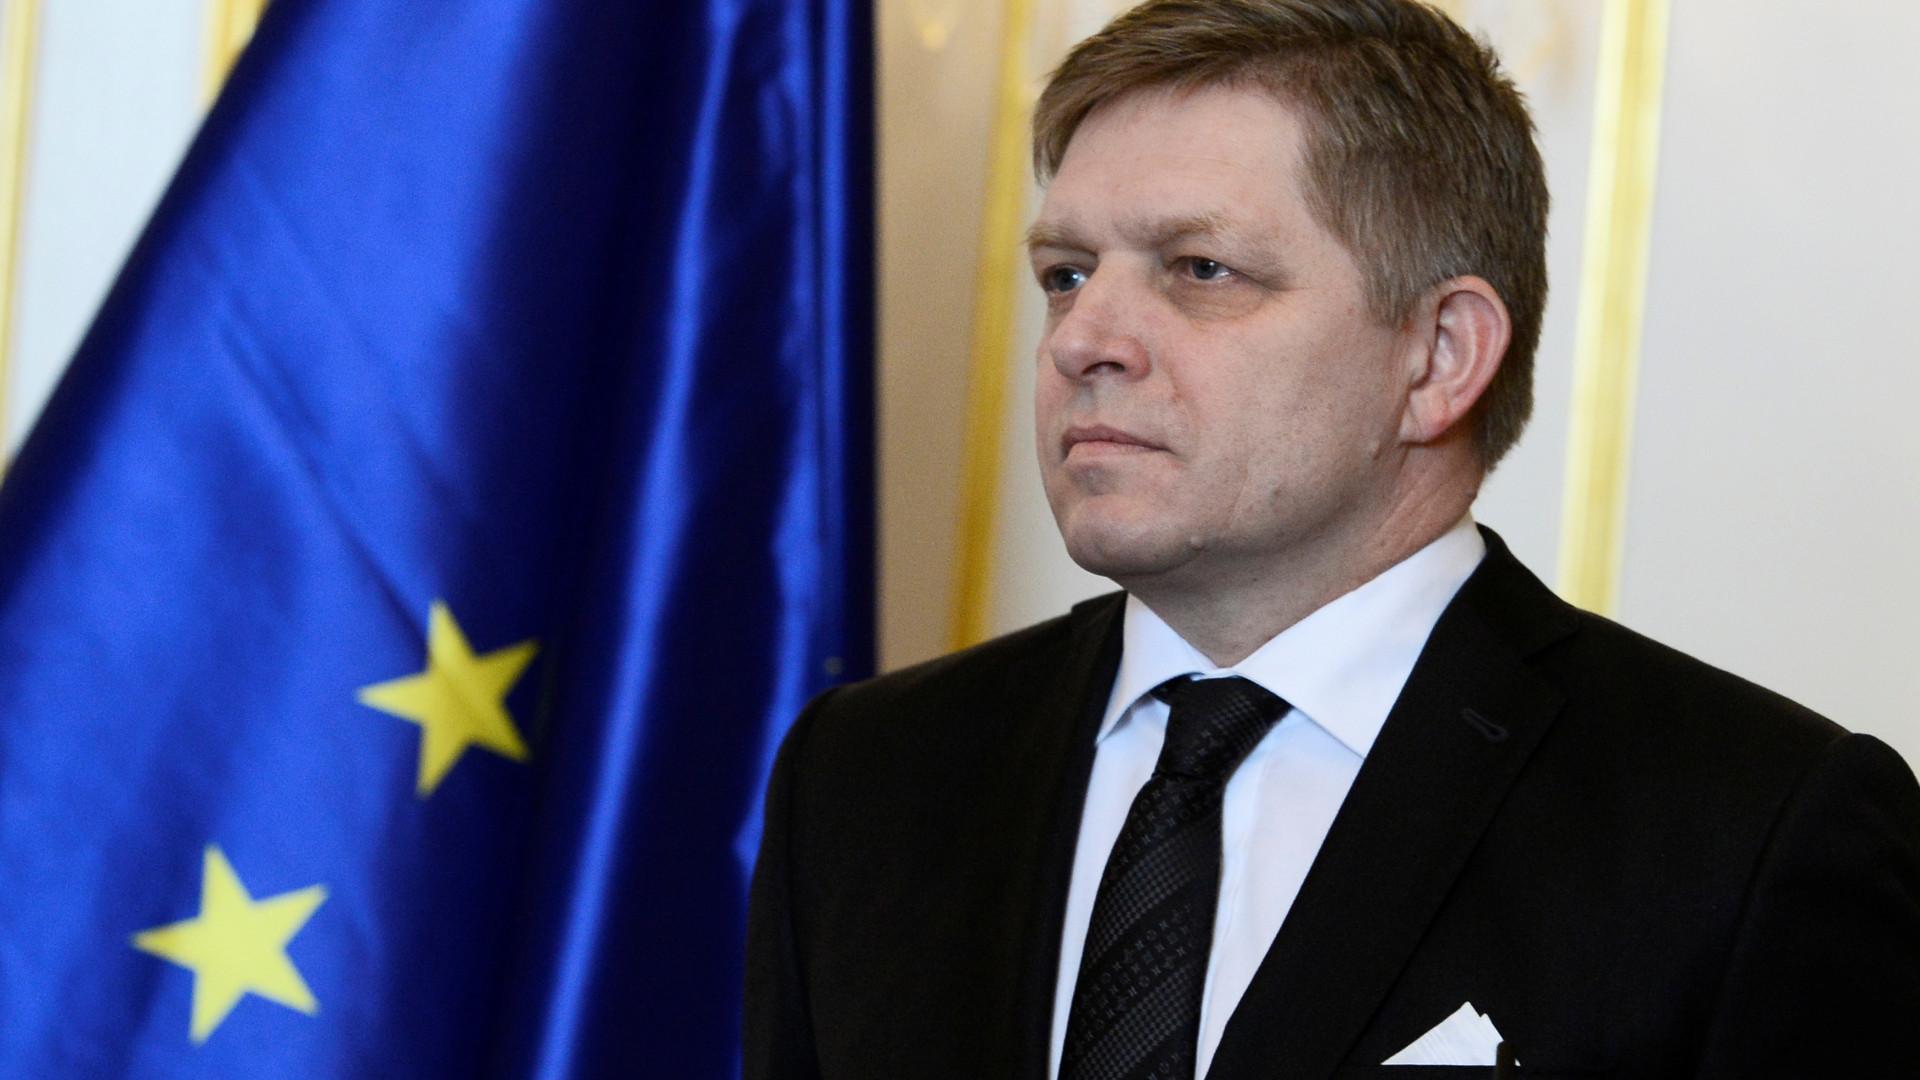 Após morte de jornalista, primeiro-ministro eslovaco pronto a demitir-se